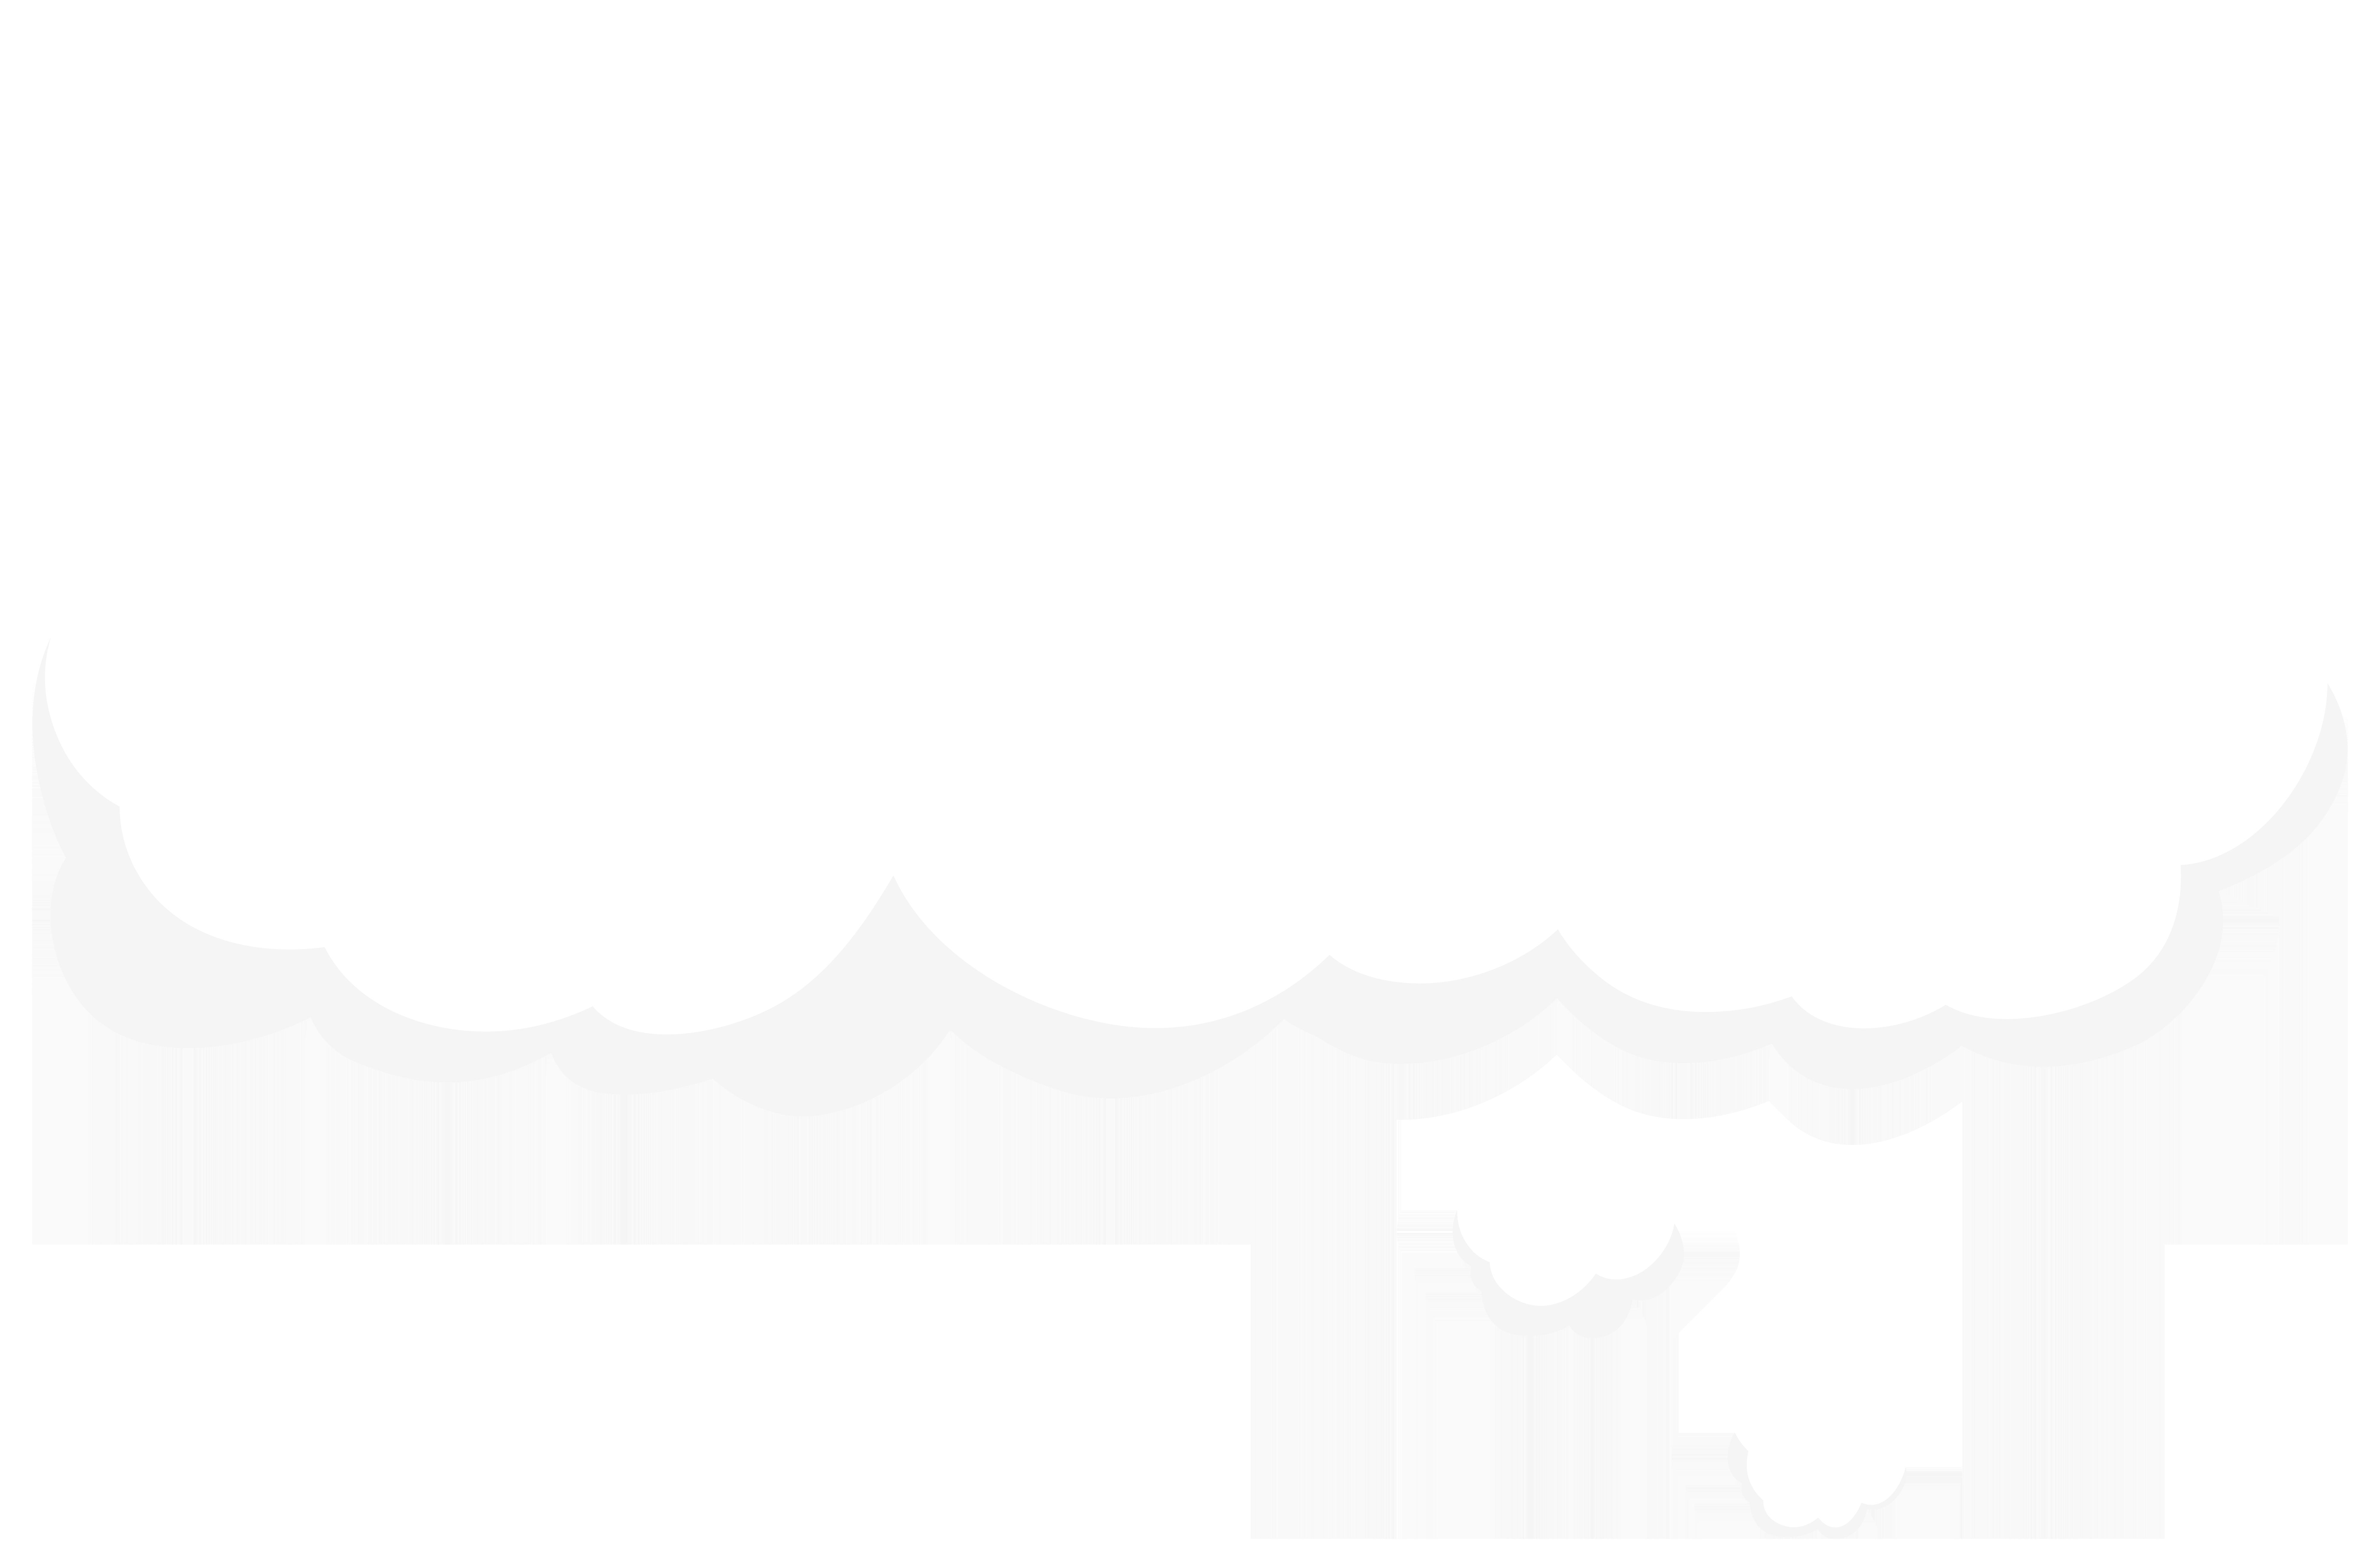 Bubble Speech Cloud PNG Clip Art Image.